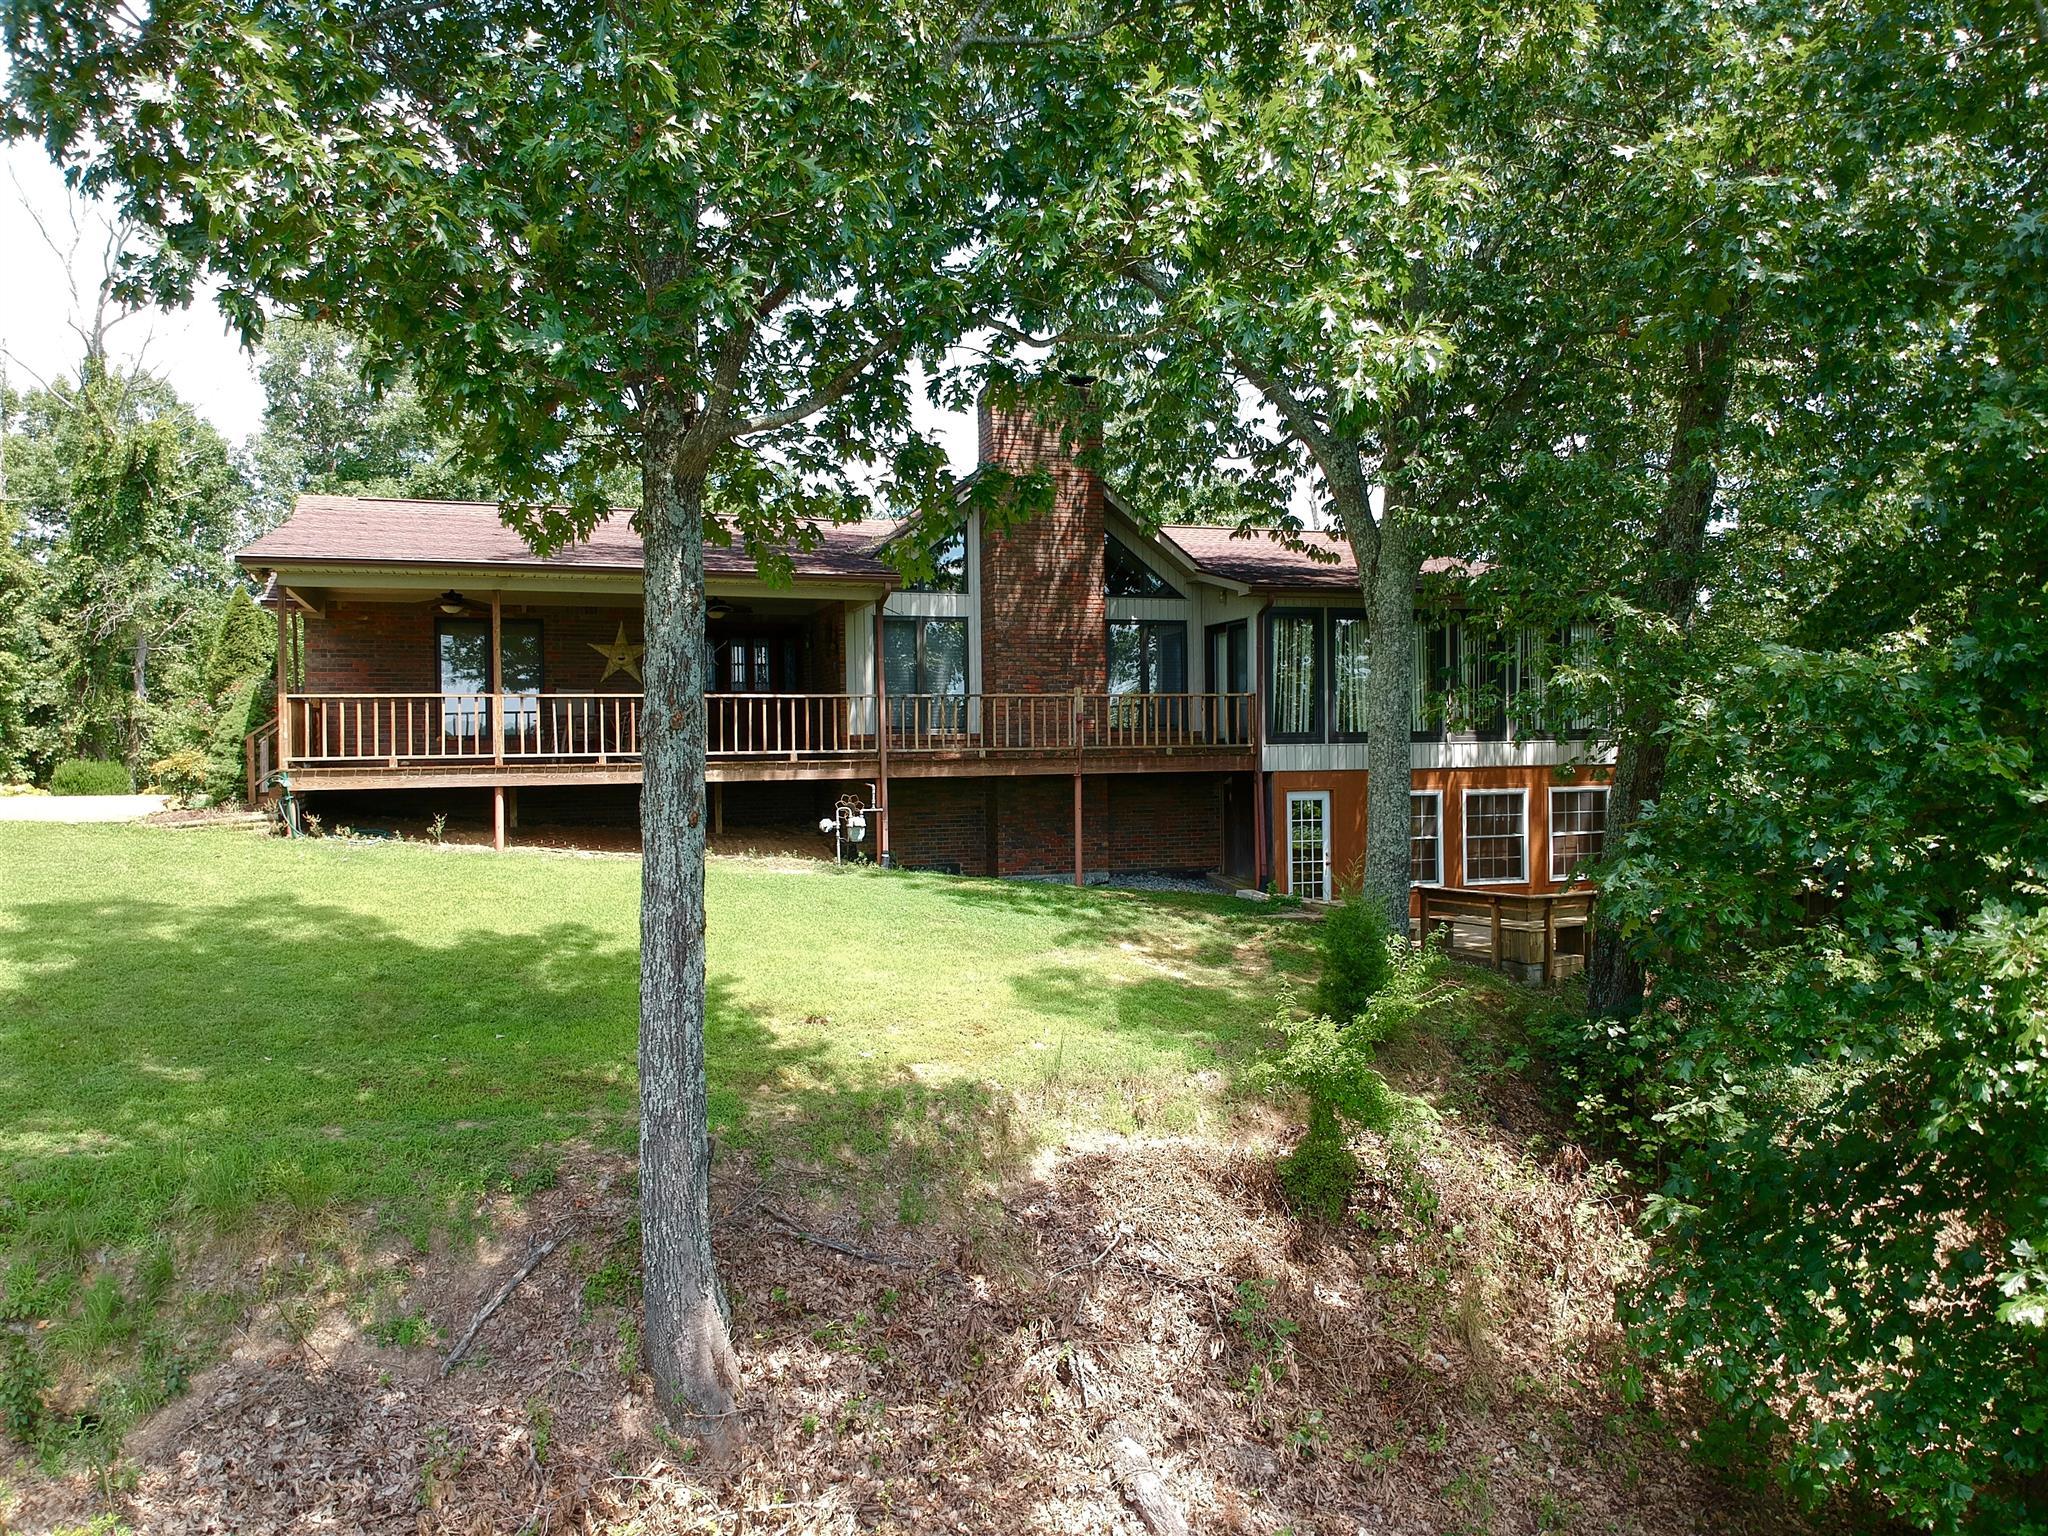 287 Big Richland Dr, Waverly, TN 37185 - Waverly, TN real estate listing